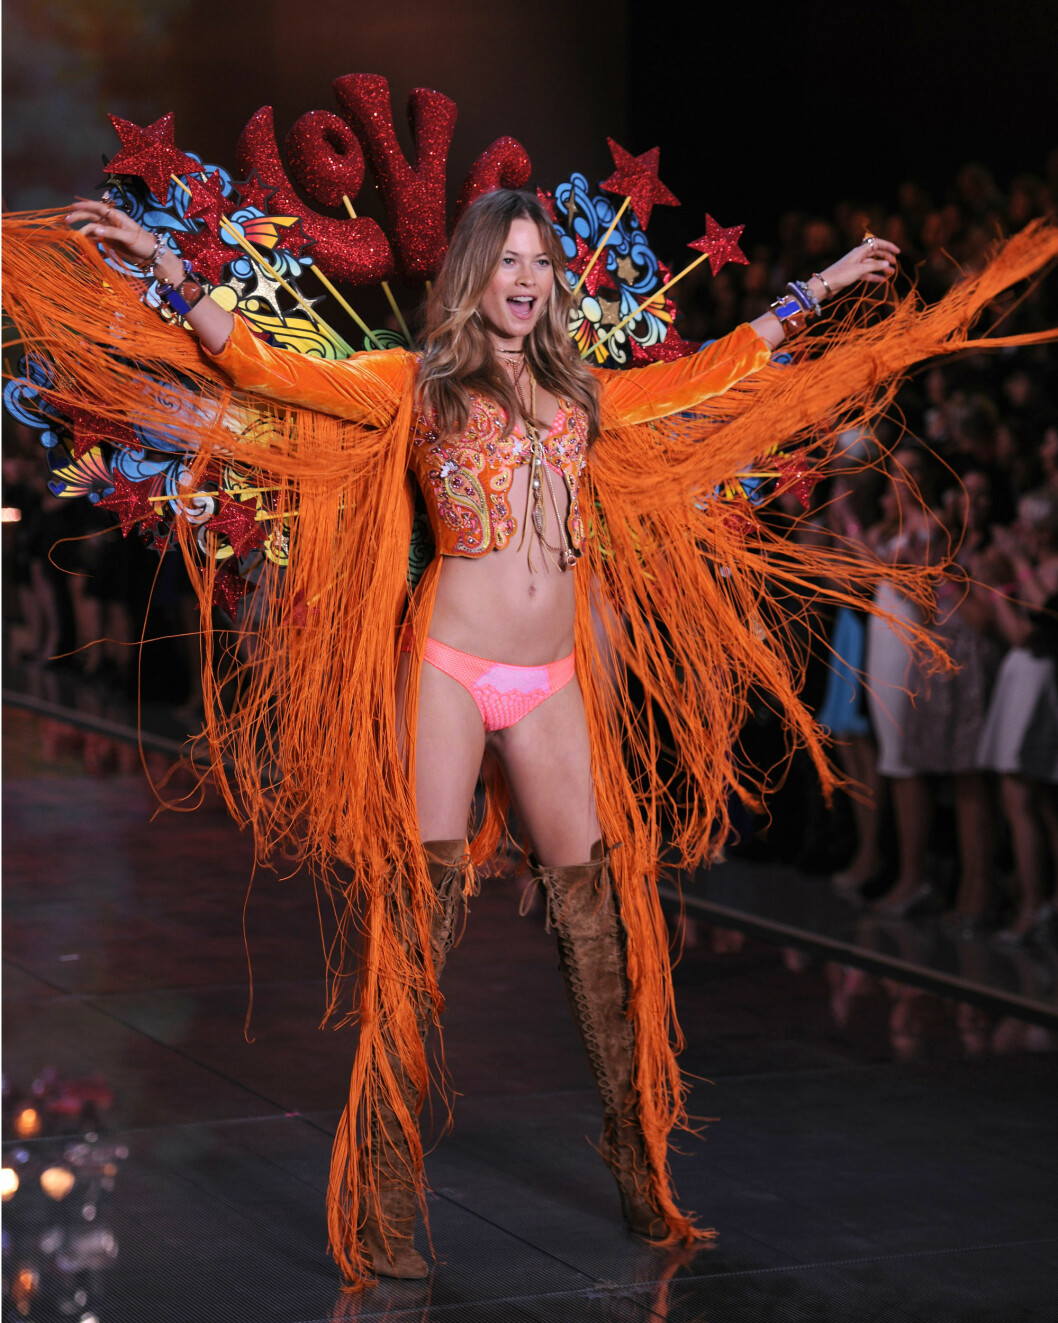 SUPERMODELL: Behati Prinsloo i aksjon under Victorias Secret-showet i New York før jul i 2015. Foto: Splash News